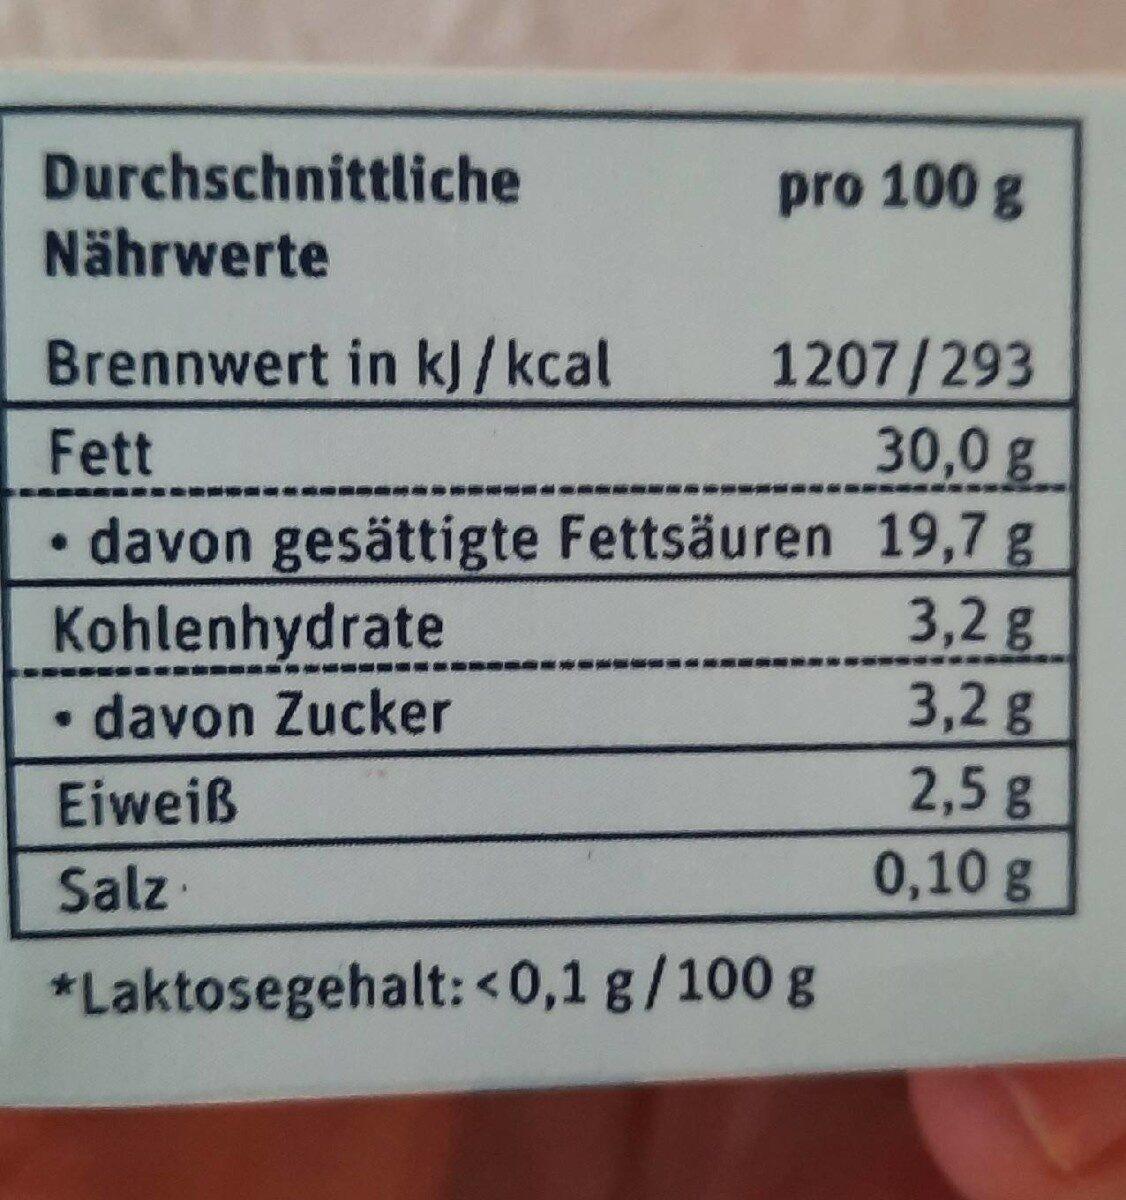 Frei Von H Schlagsahne Laktosefrei, Schlagsahne - Nährwertangaben - de